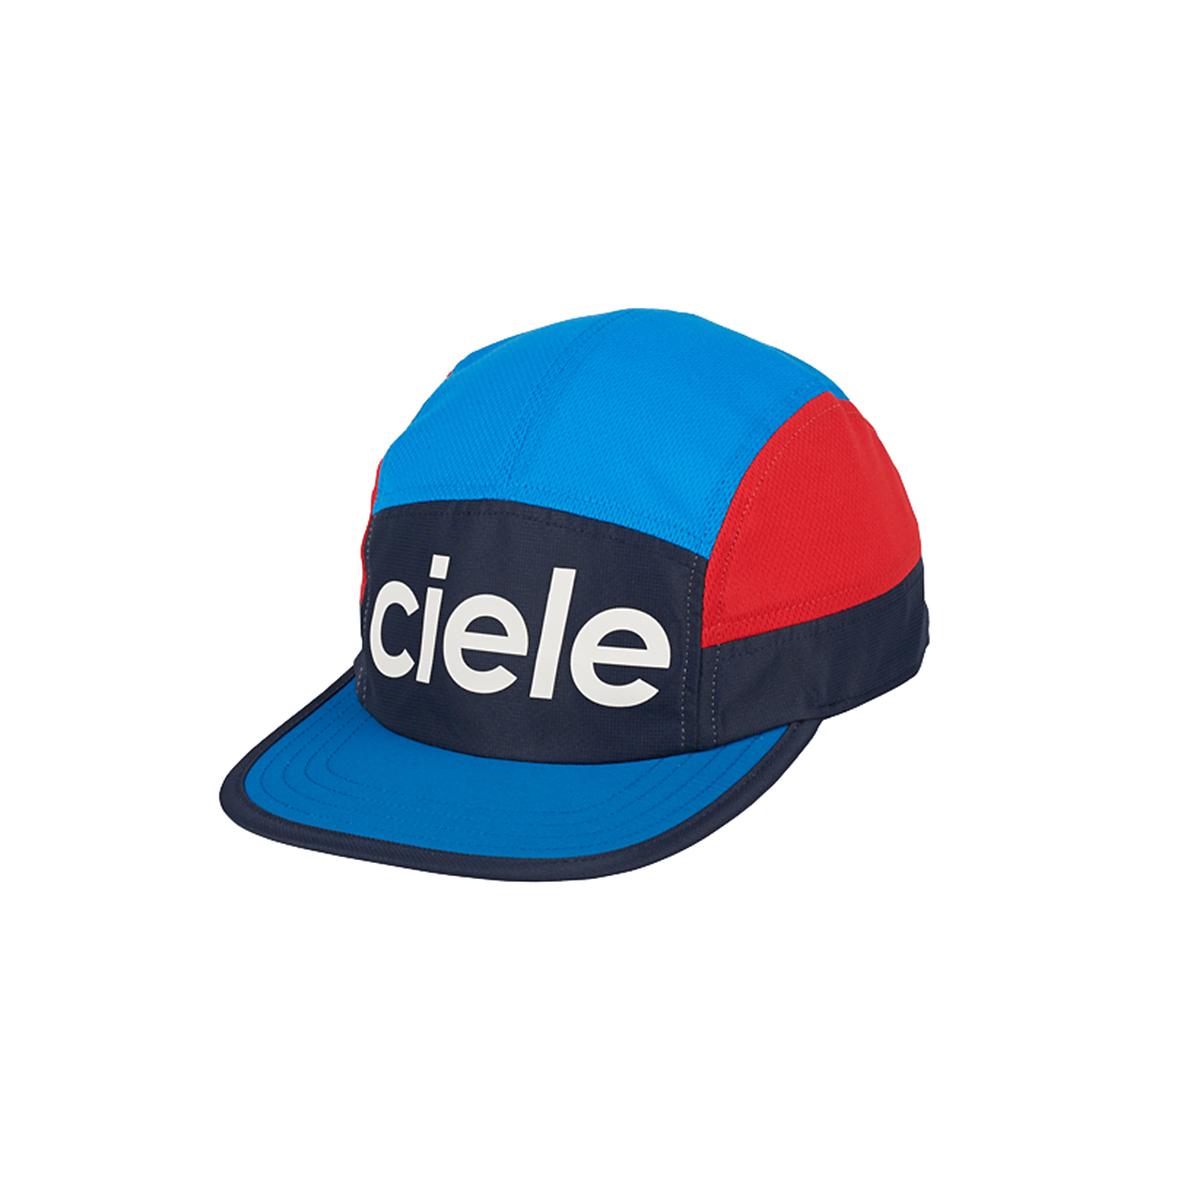 Ciele Athletics CoCap Century Hat - Color: Expo, Expo, large, image 1